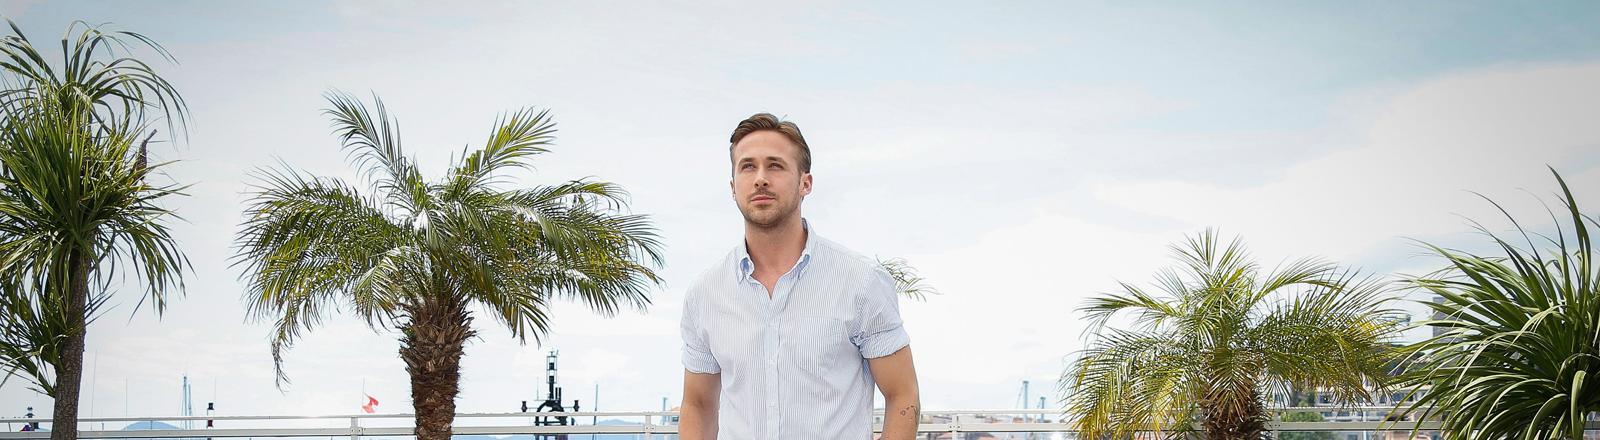 Ryan Gosling bei Photocall zu Lost River bei den Filmfestspielen in Cannes